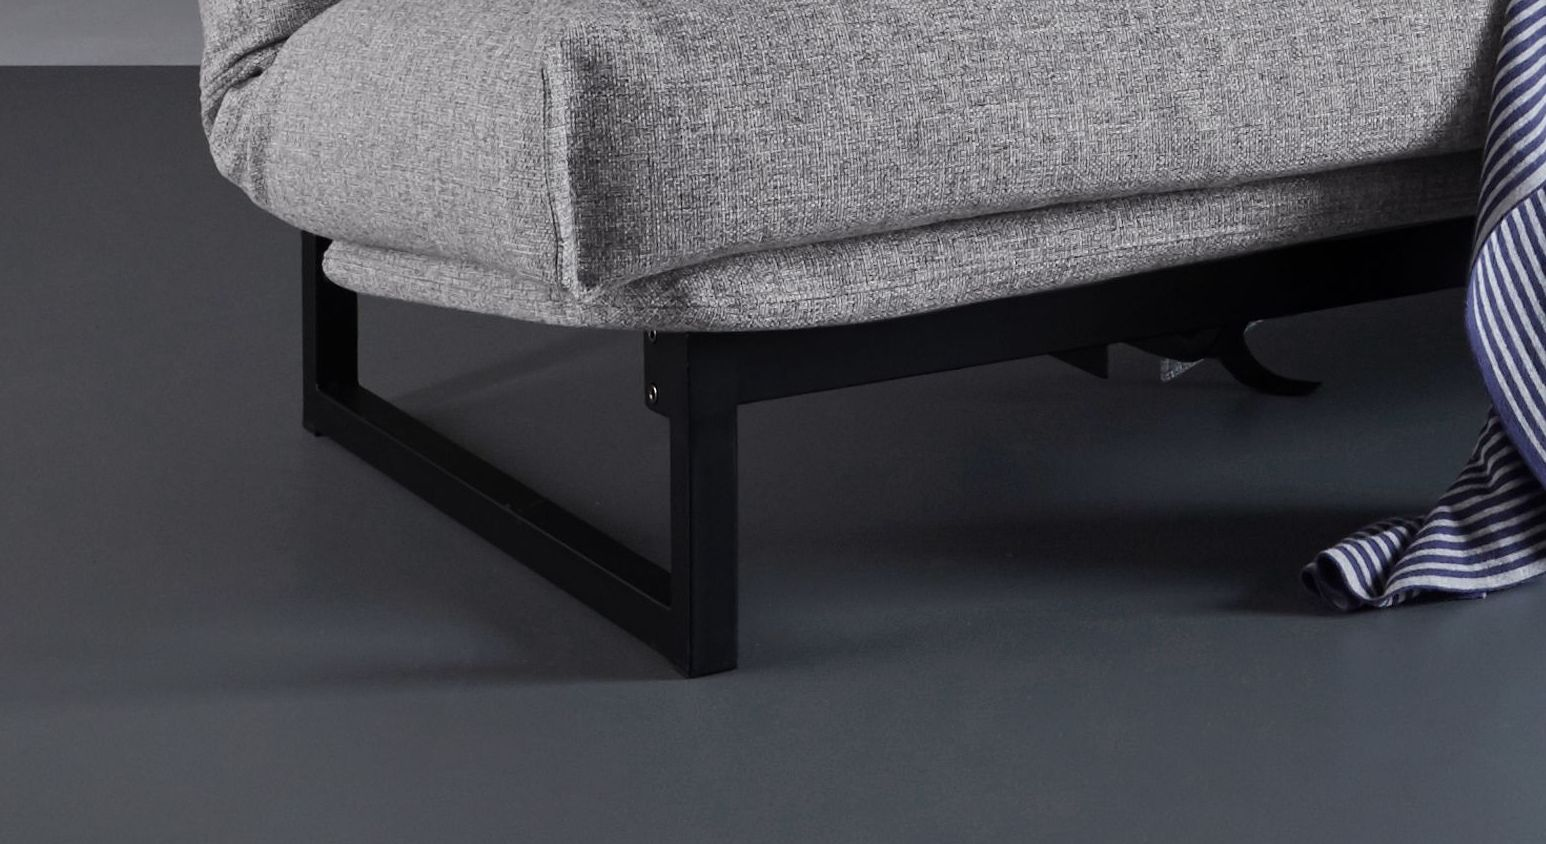 Schlafsofa Frentano mit matt schwarzen Stahlfüßen